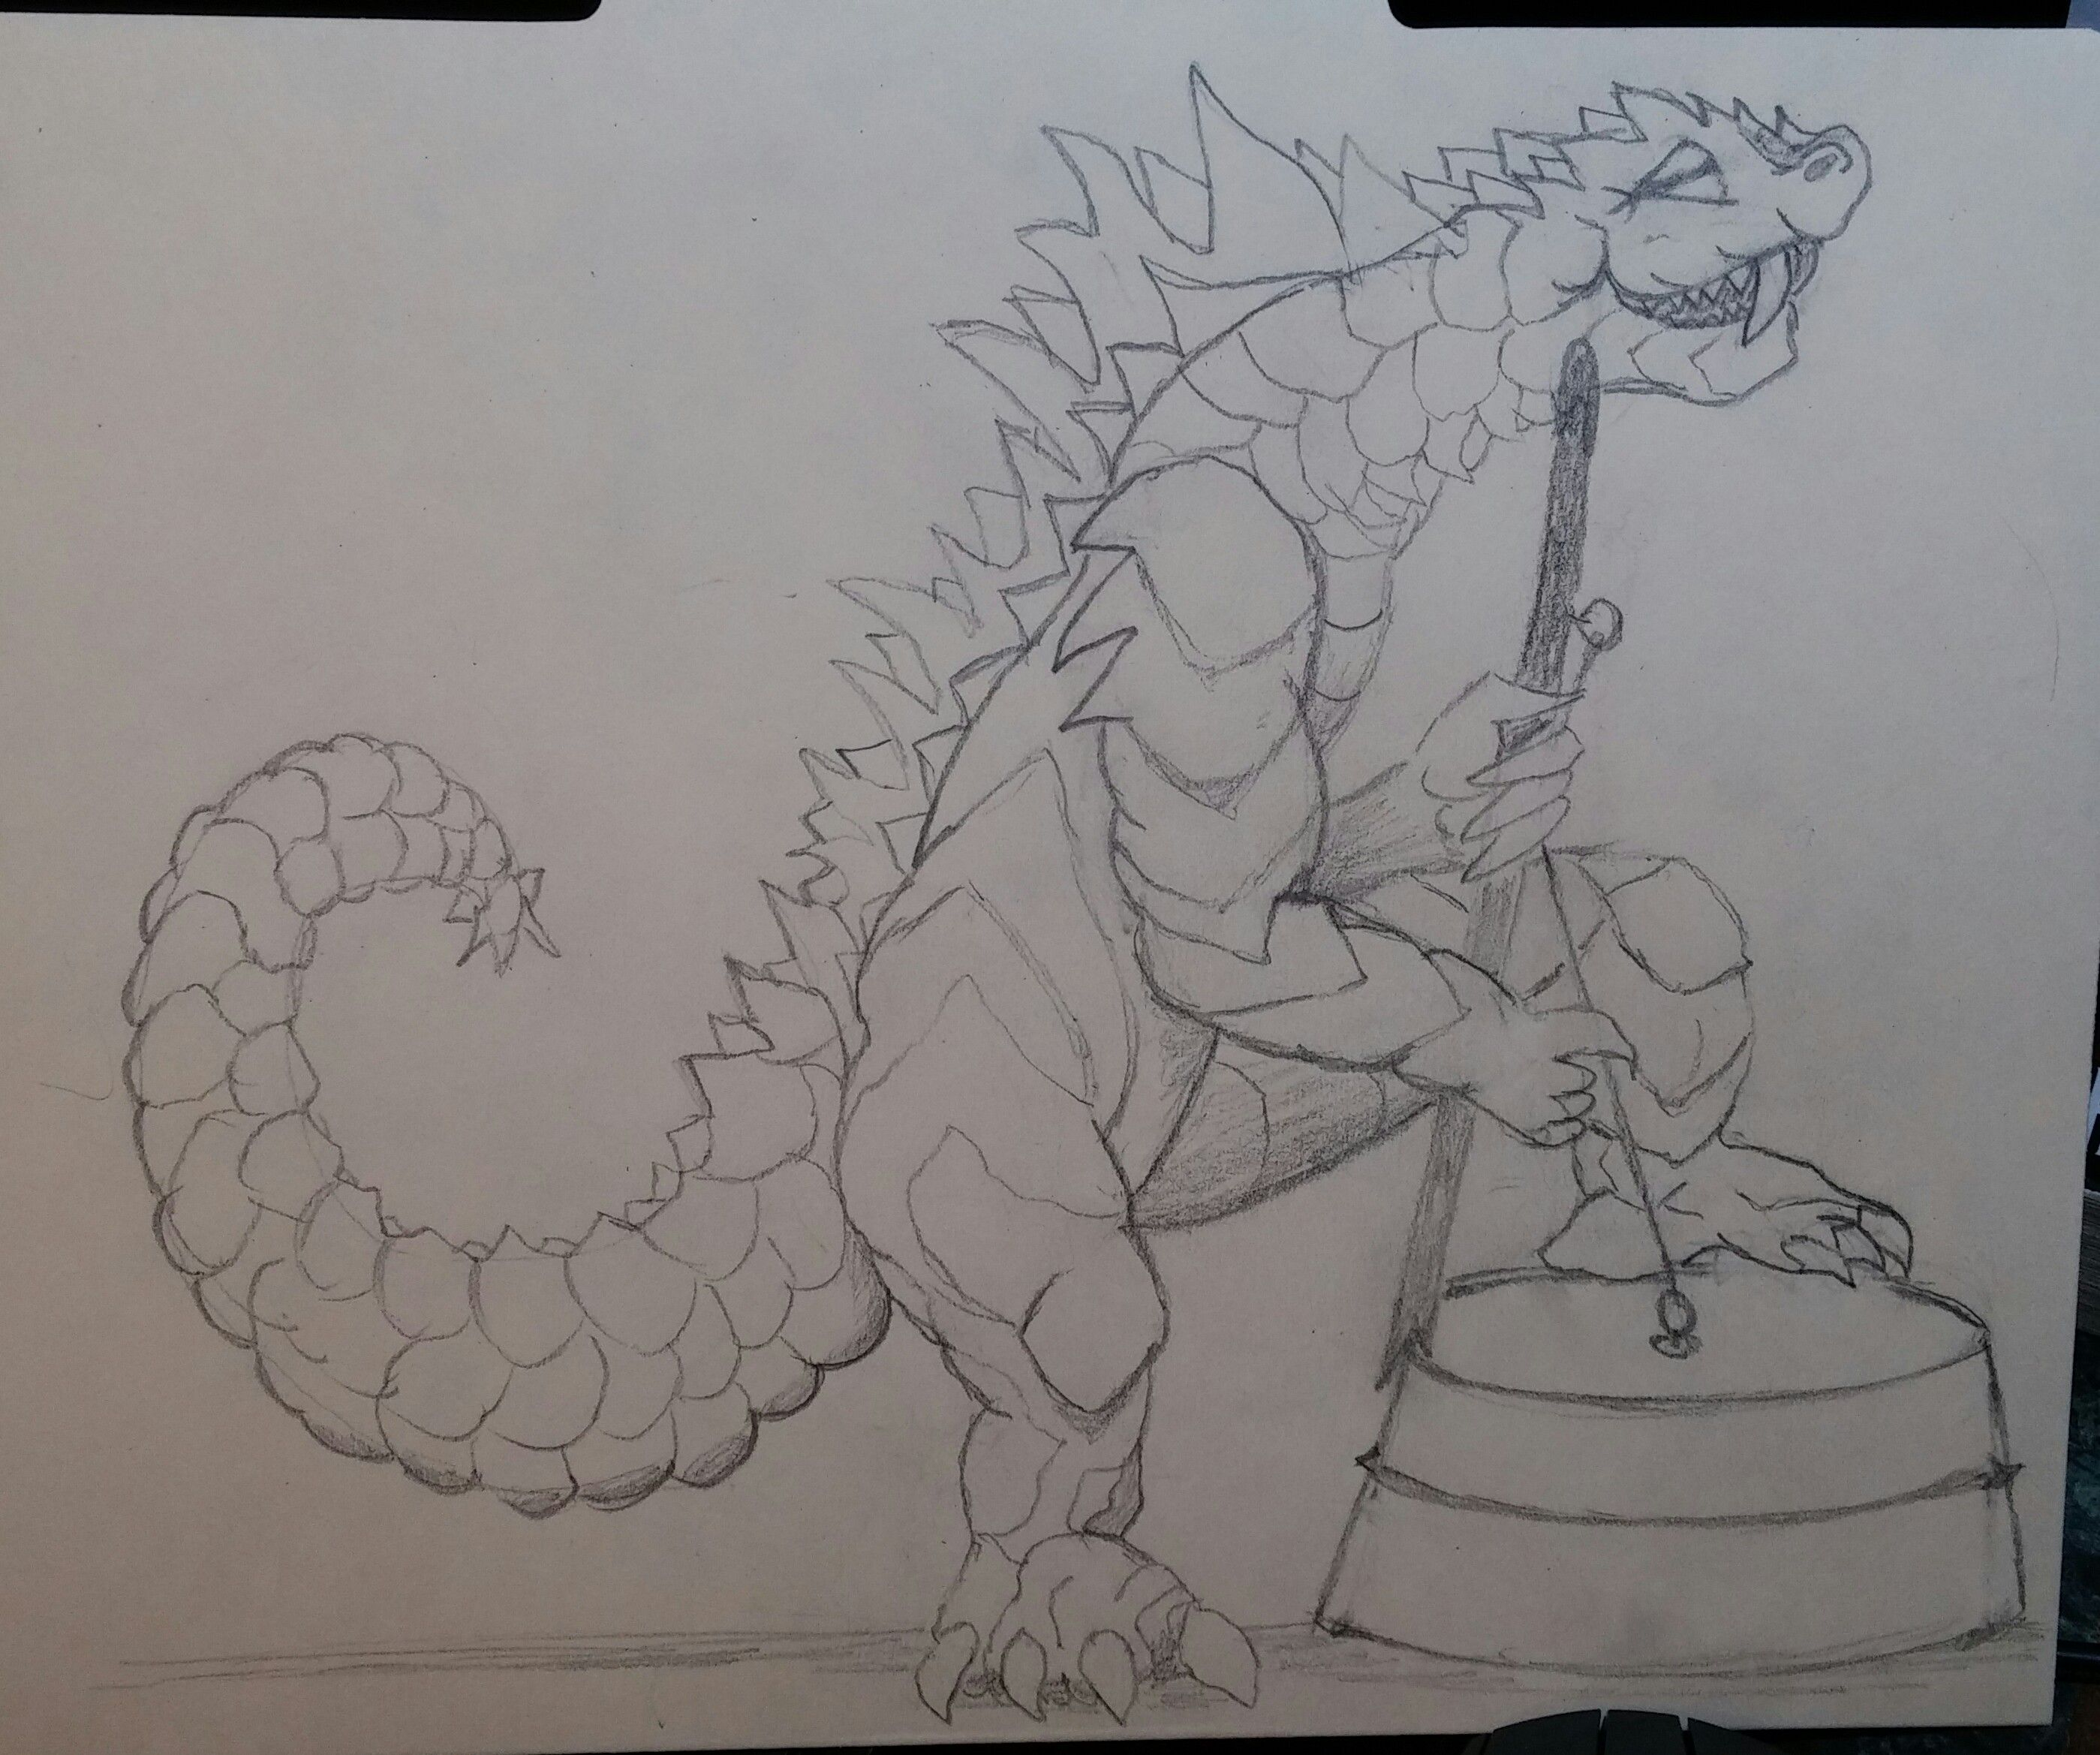 Godzilla on washtub pencil sketch by m v kirch michaels